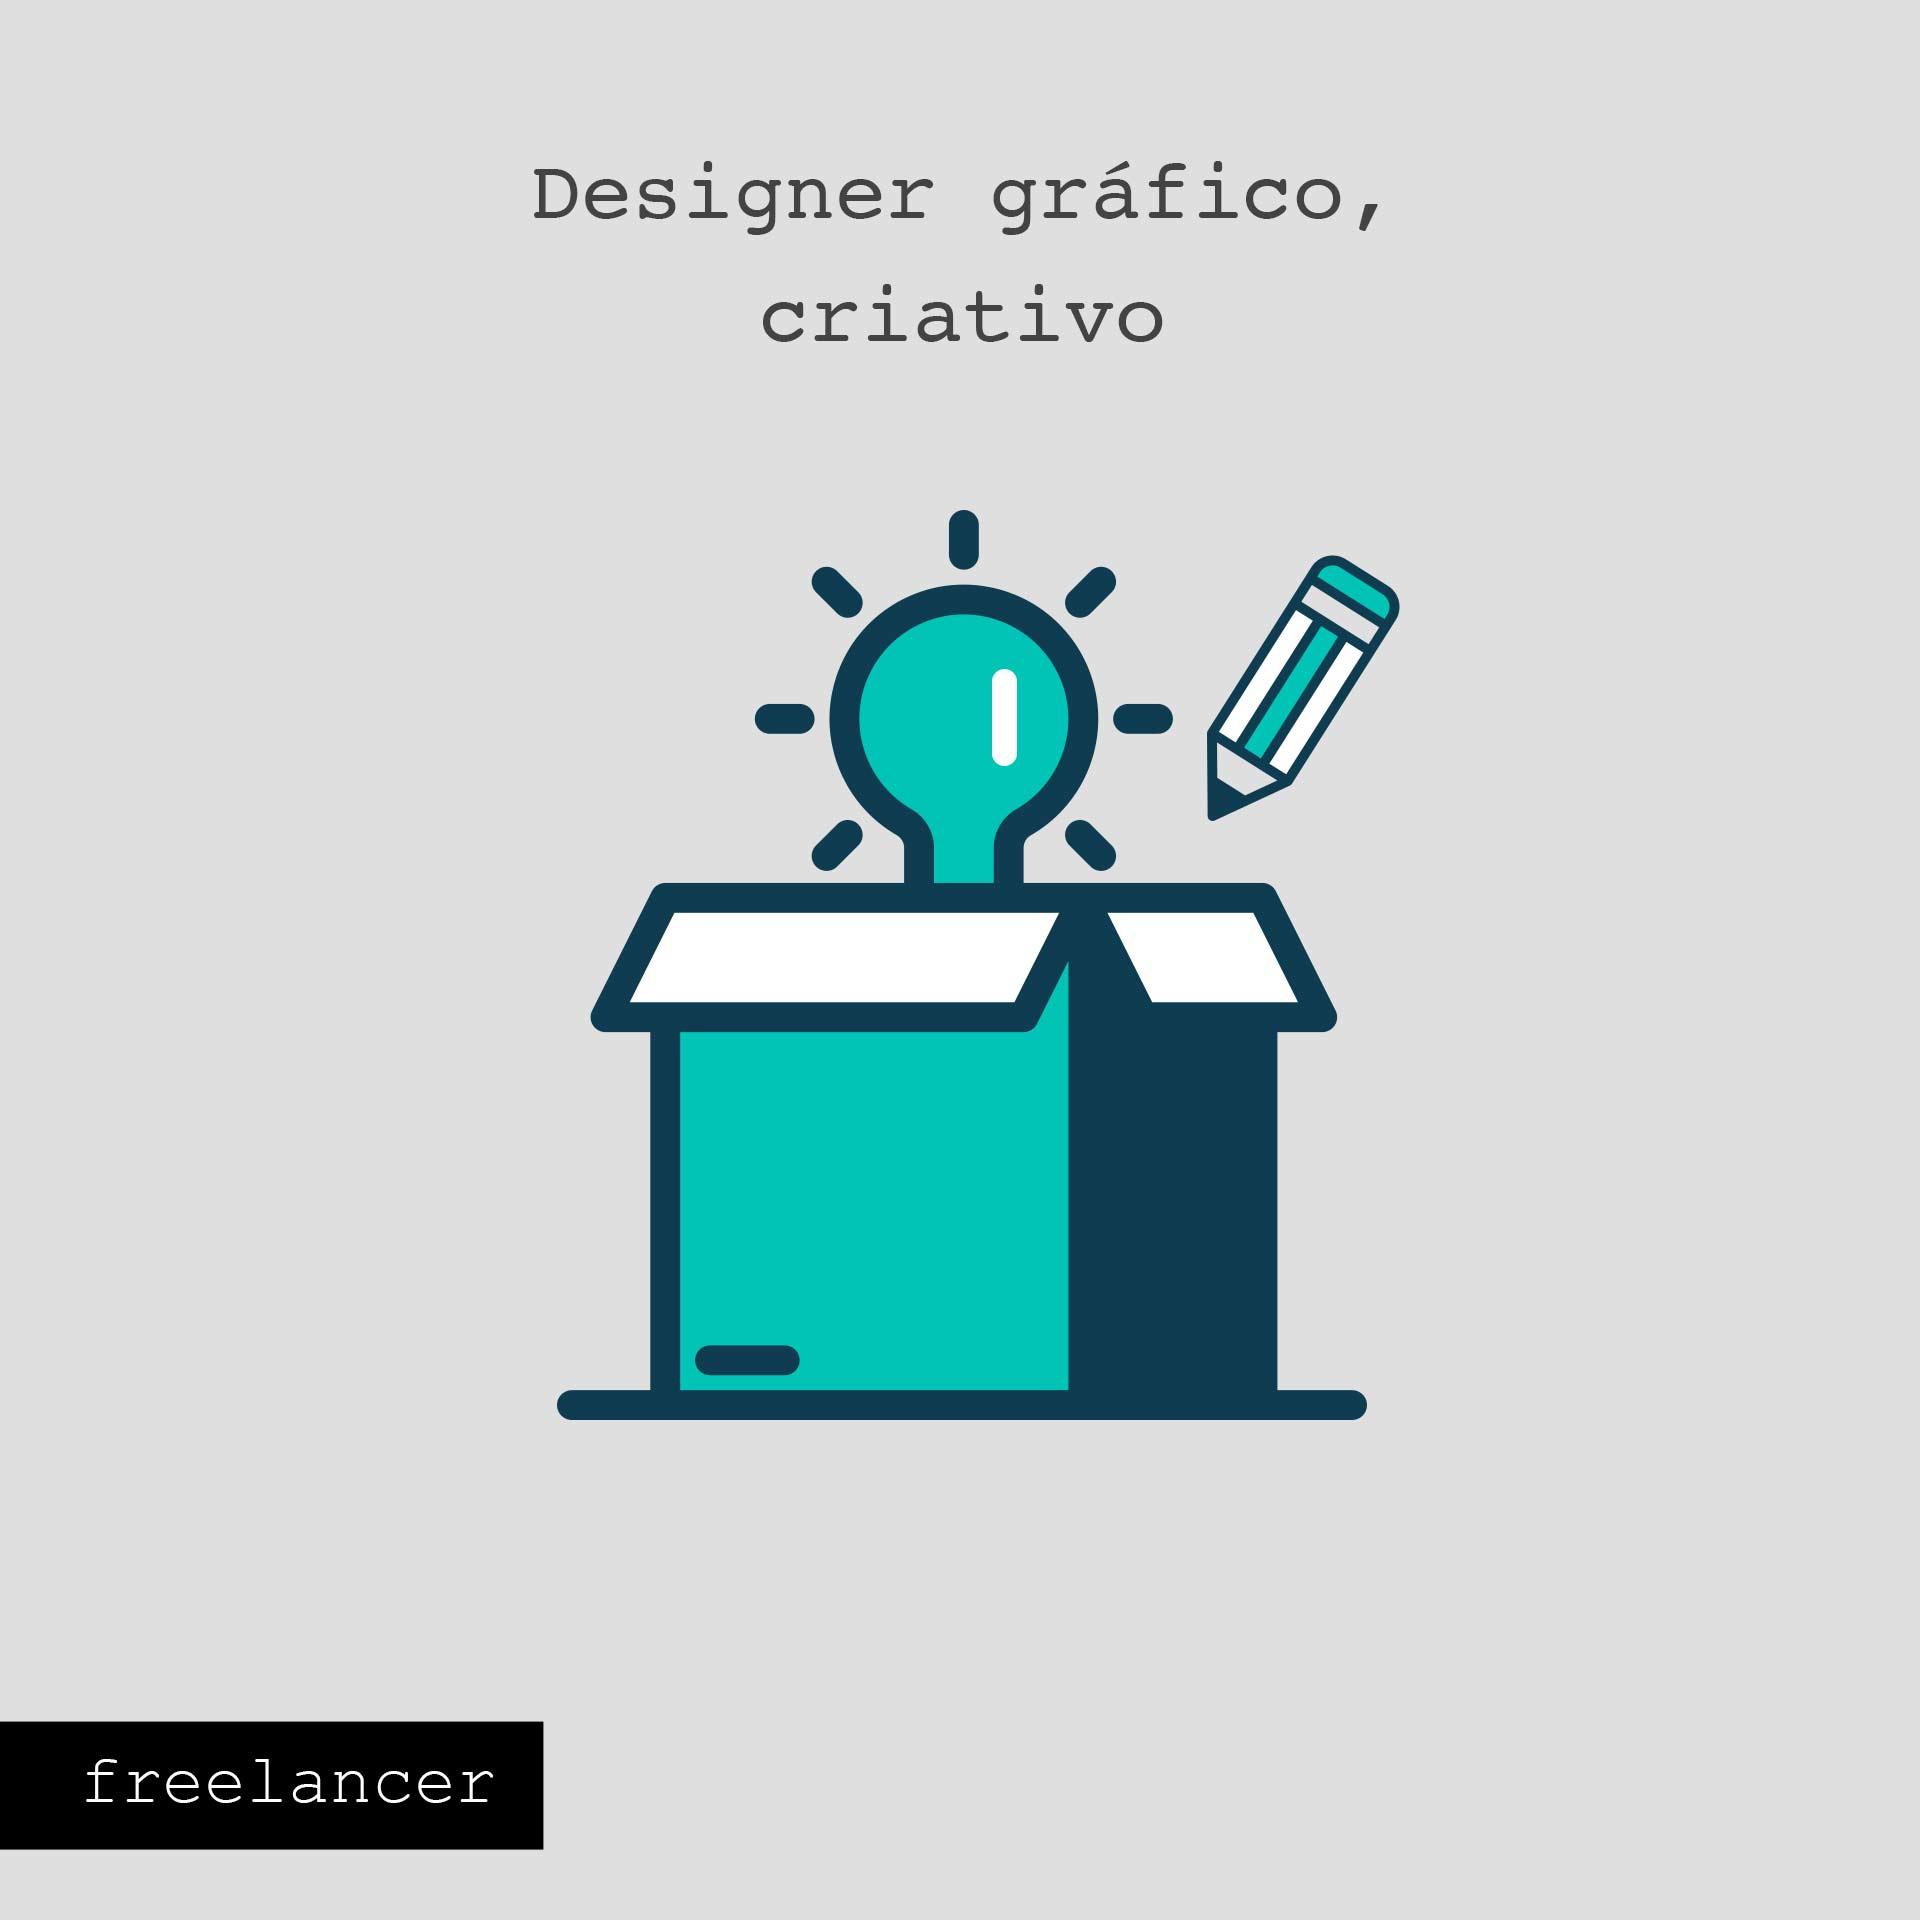 Oportunidade Freelancer designer gráfico - Porto